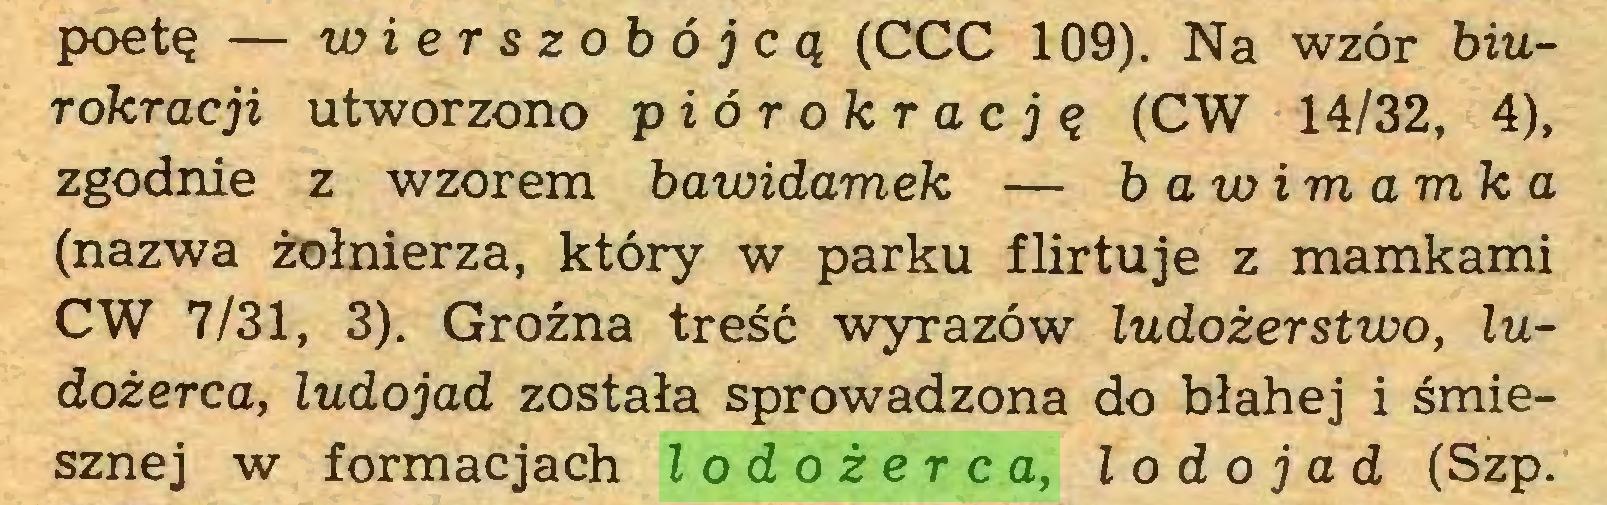 (...) poetę — wierszohójcą (CCC 109). Na wzór biurokracji utworzono piór ok rację (CW 14/32, 4), zgodnie z wzorem bawidamek — b awim amk a (nazwa żołnierza, który w parku flirtuje z mamkami CW 7/31, 3). Groźna treść wyrazów ludożerstwo, ludożerca, ludojad została sprowadzona do błahej i śmiesznej w formacjach lodożerca, l o d o j ad (Szp...